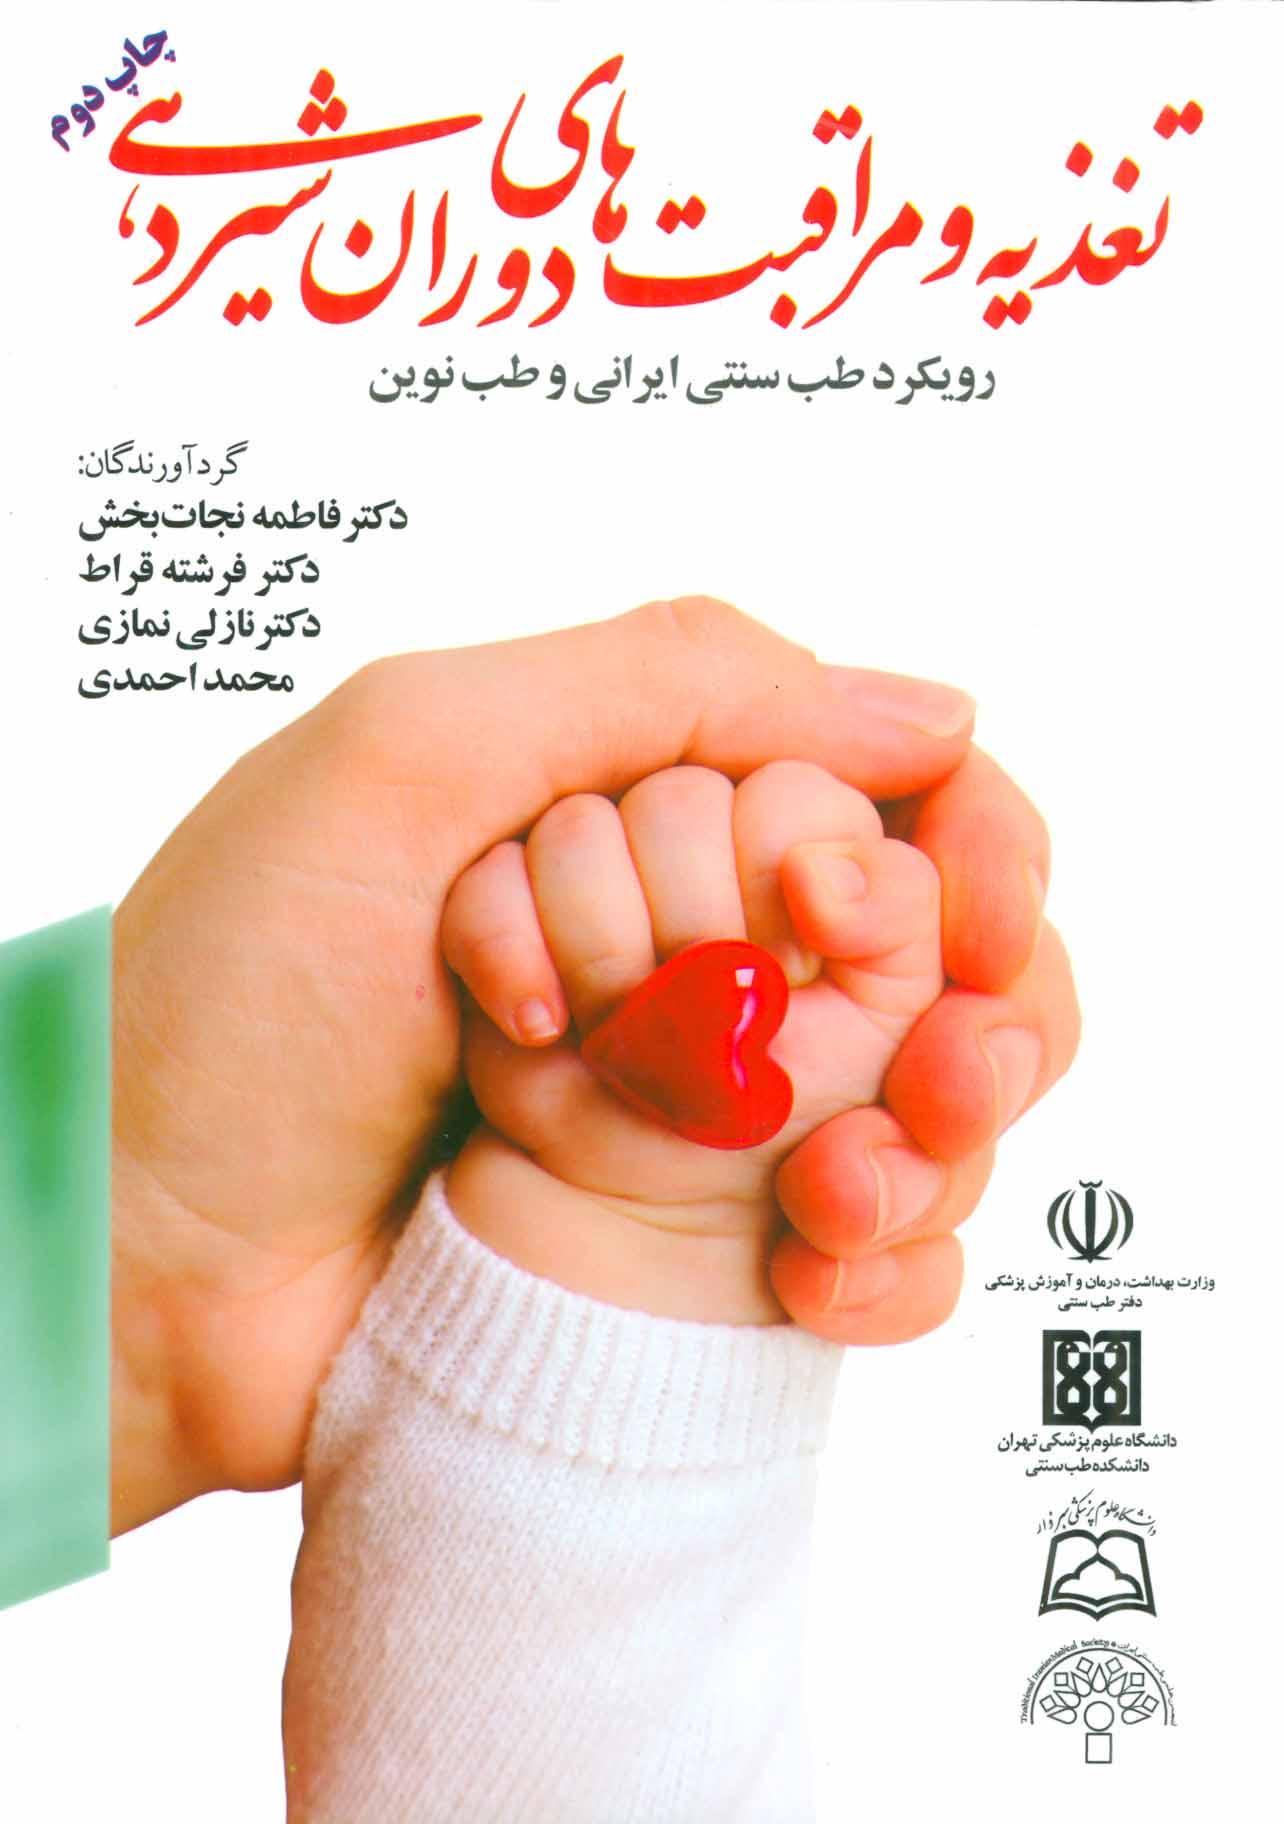 کتاب تغذیه و مراقبتهای دوران شیردهی